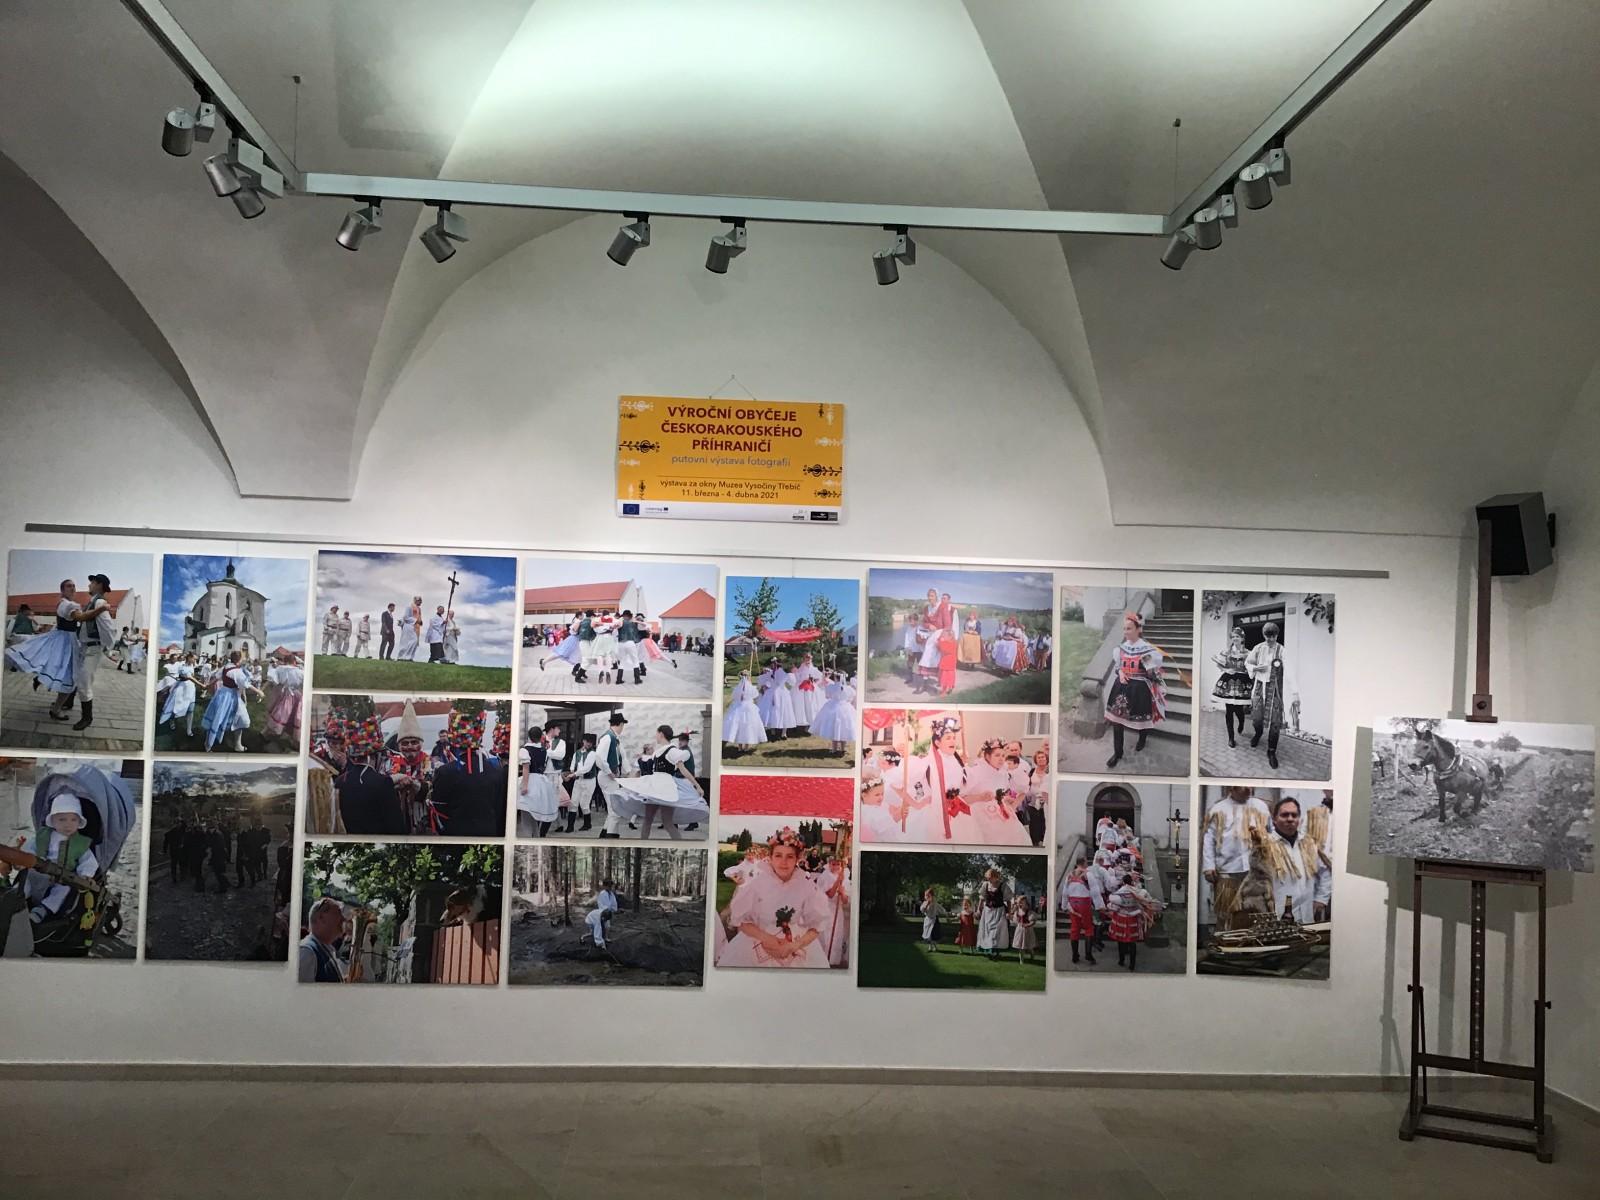 """Fotovýstava """"Výroční obyčeje česko-rakouského příhraničí"""" putuje do dalších regionů"""